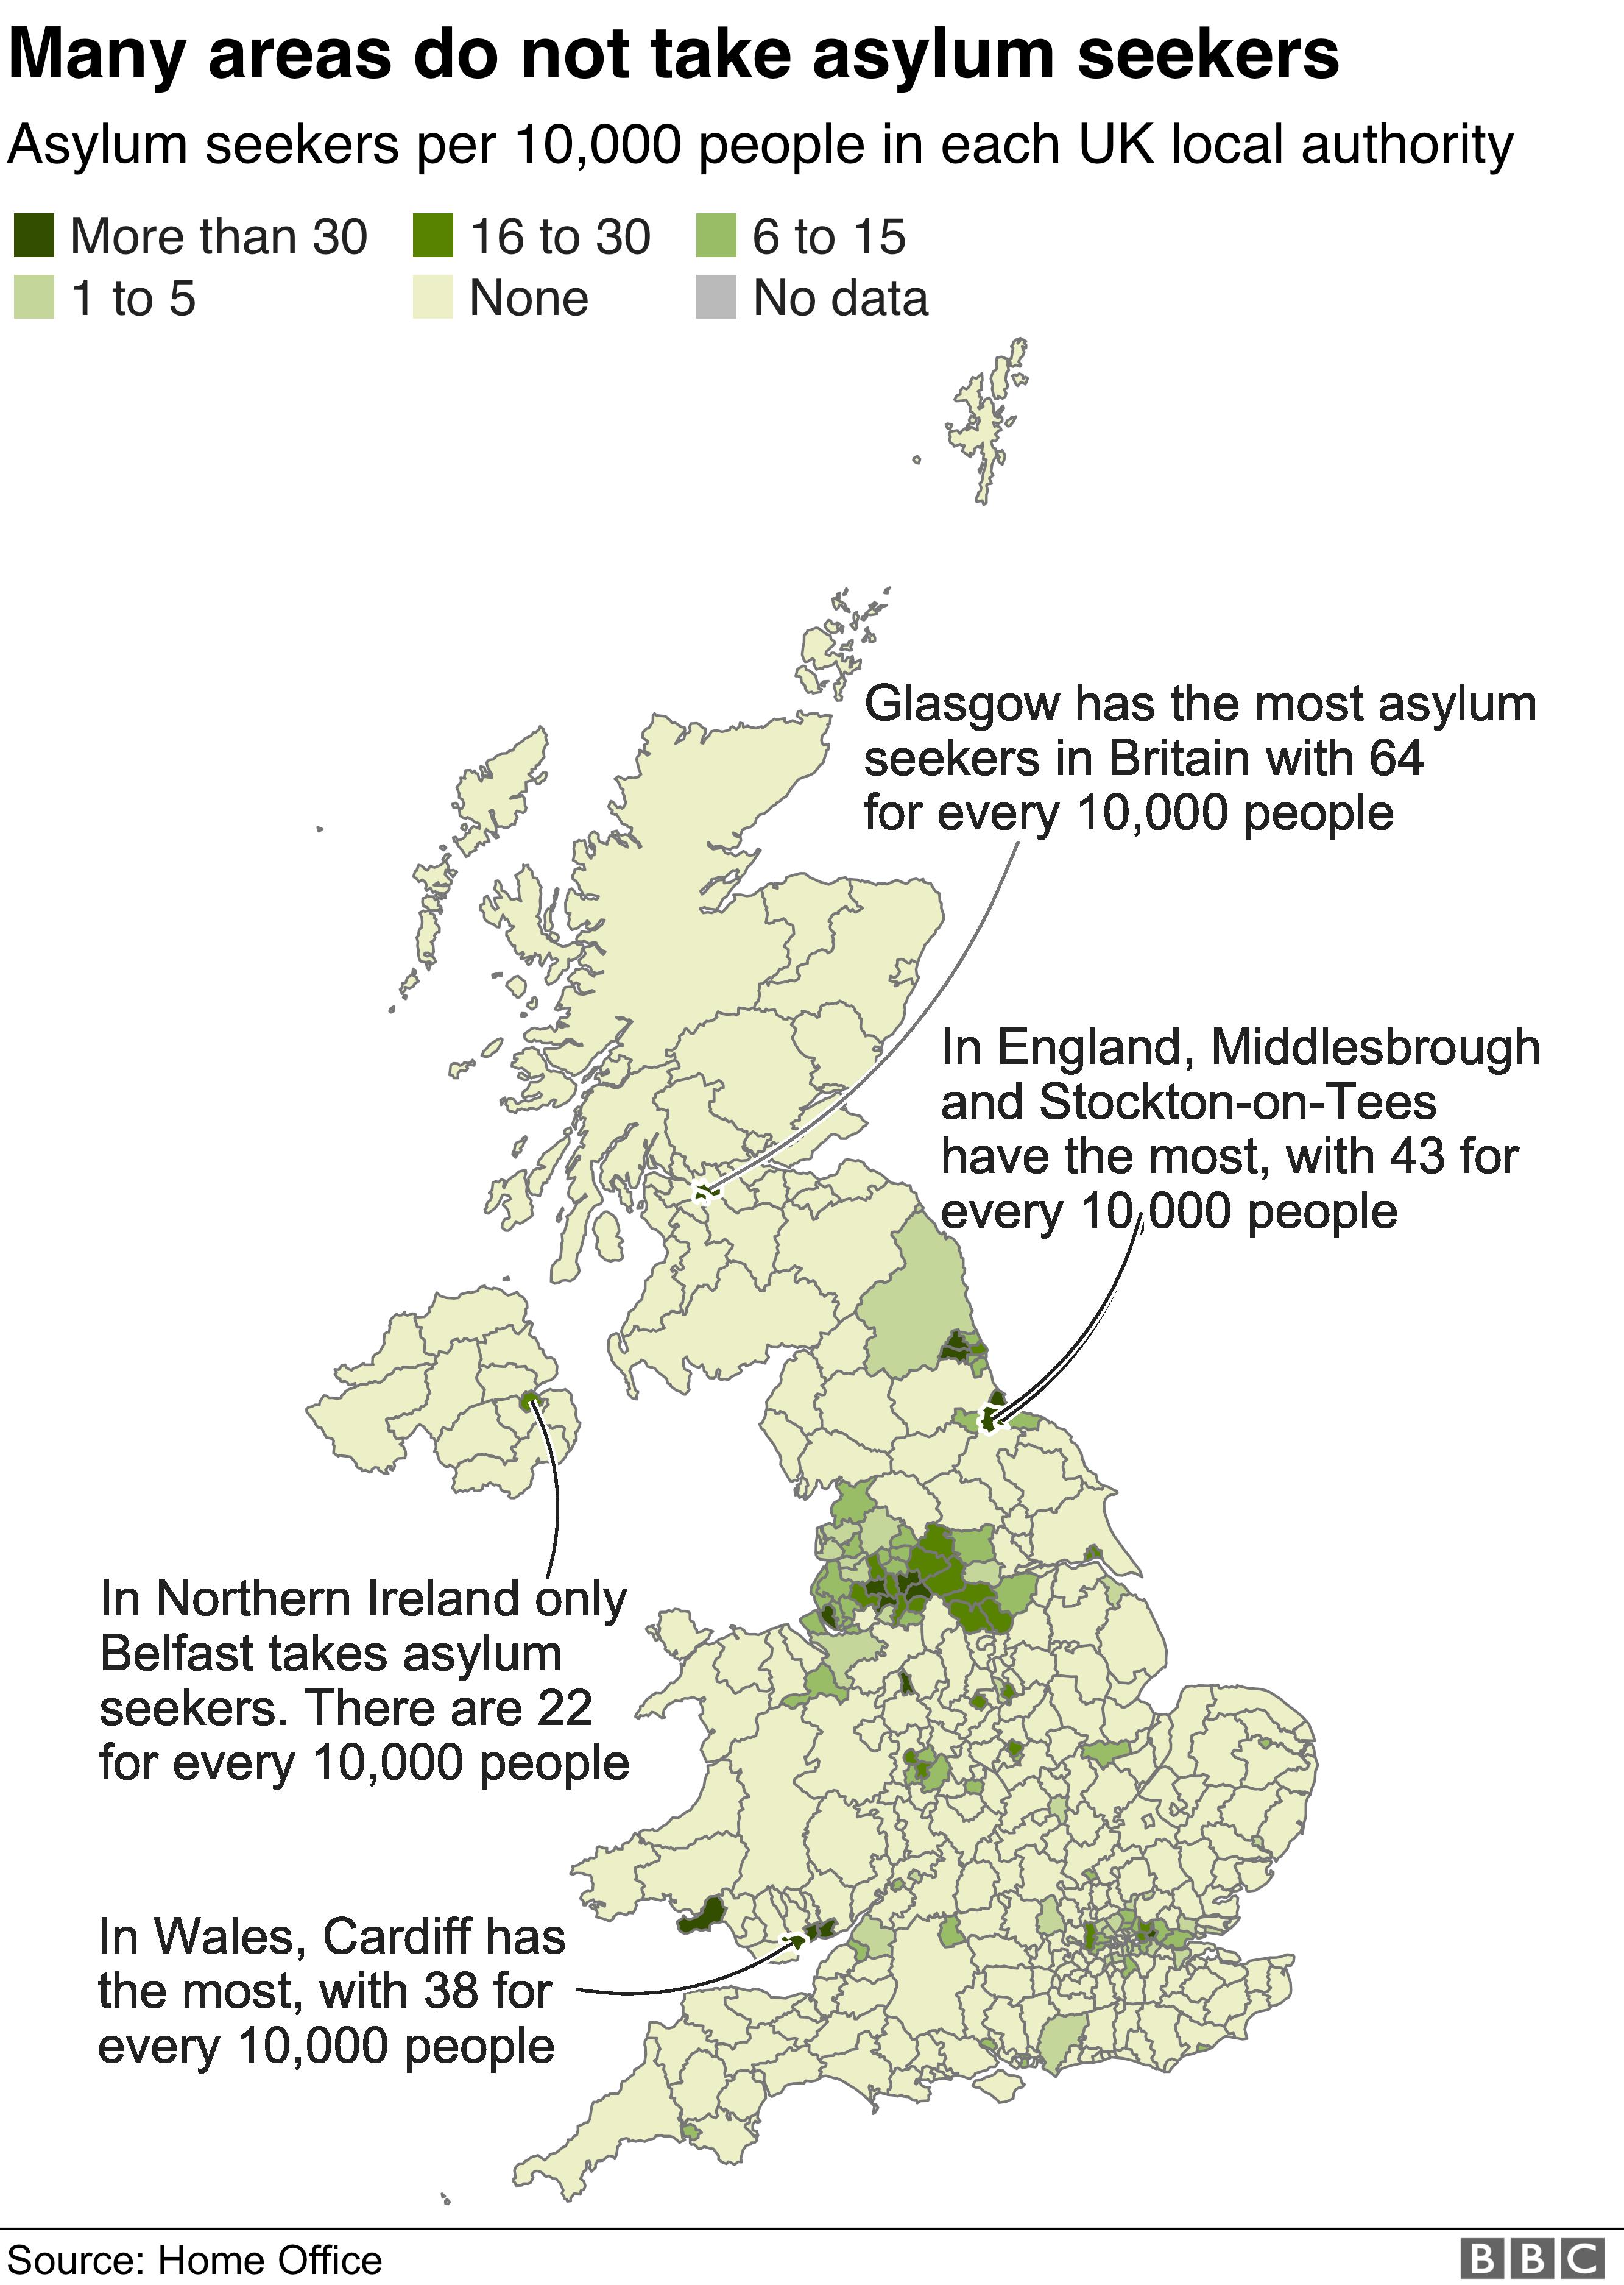 bbc map of asylum